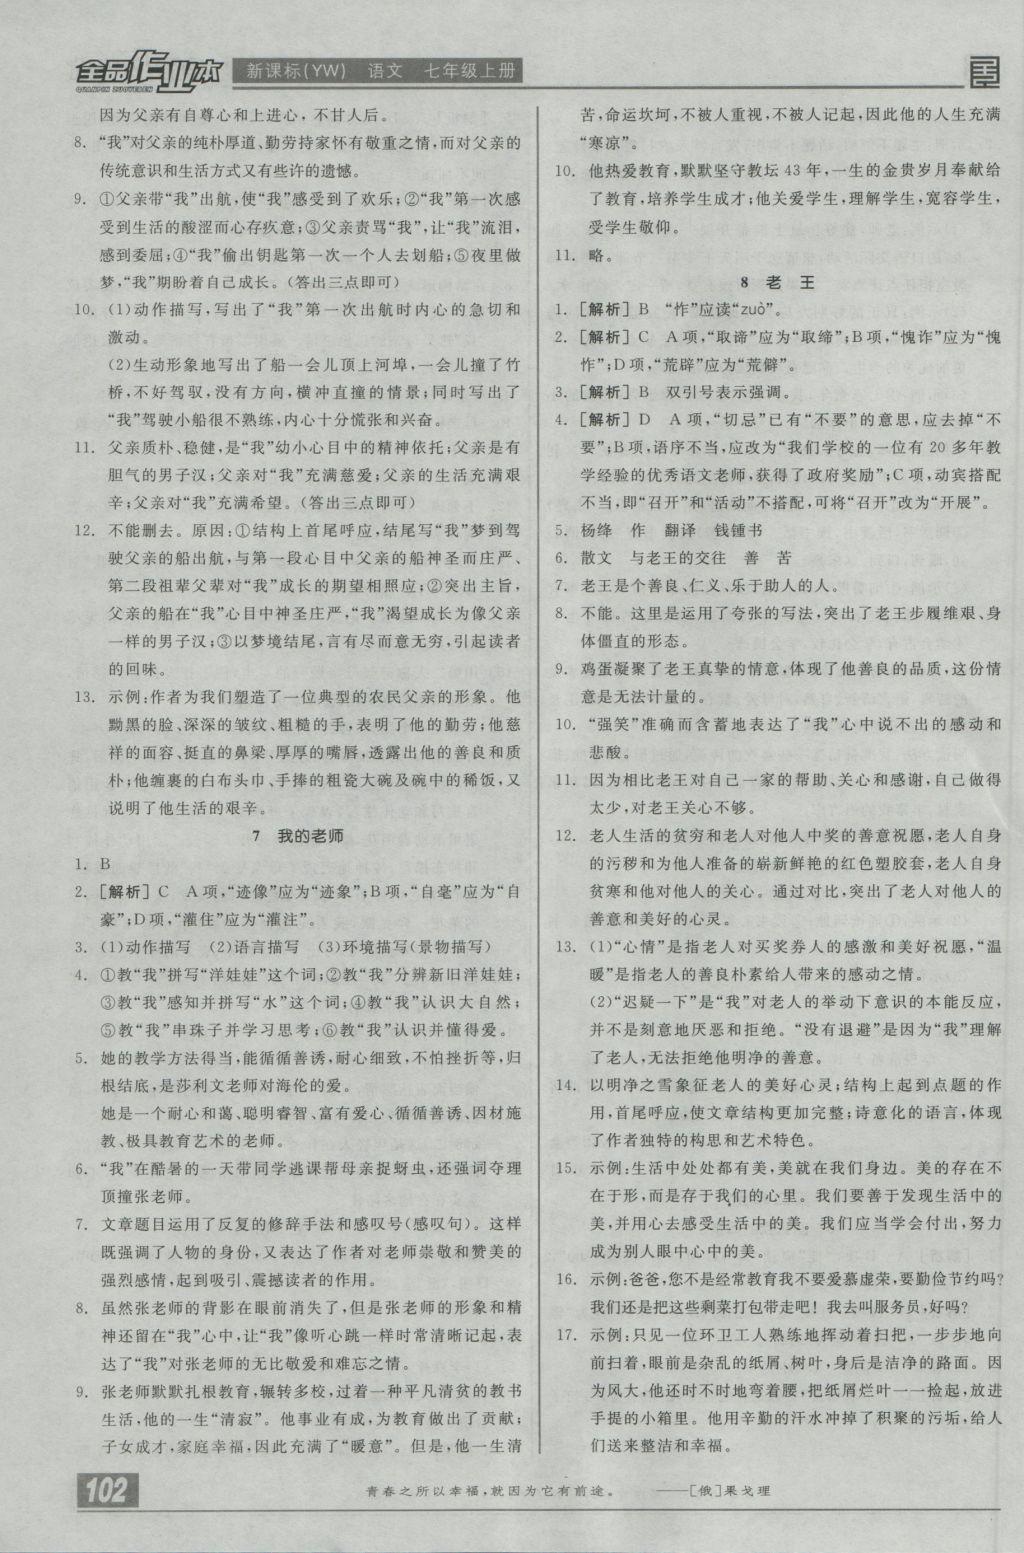 2016年全品作业本七年级语文上册语文版参考答案第4页